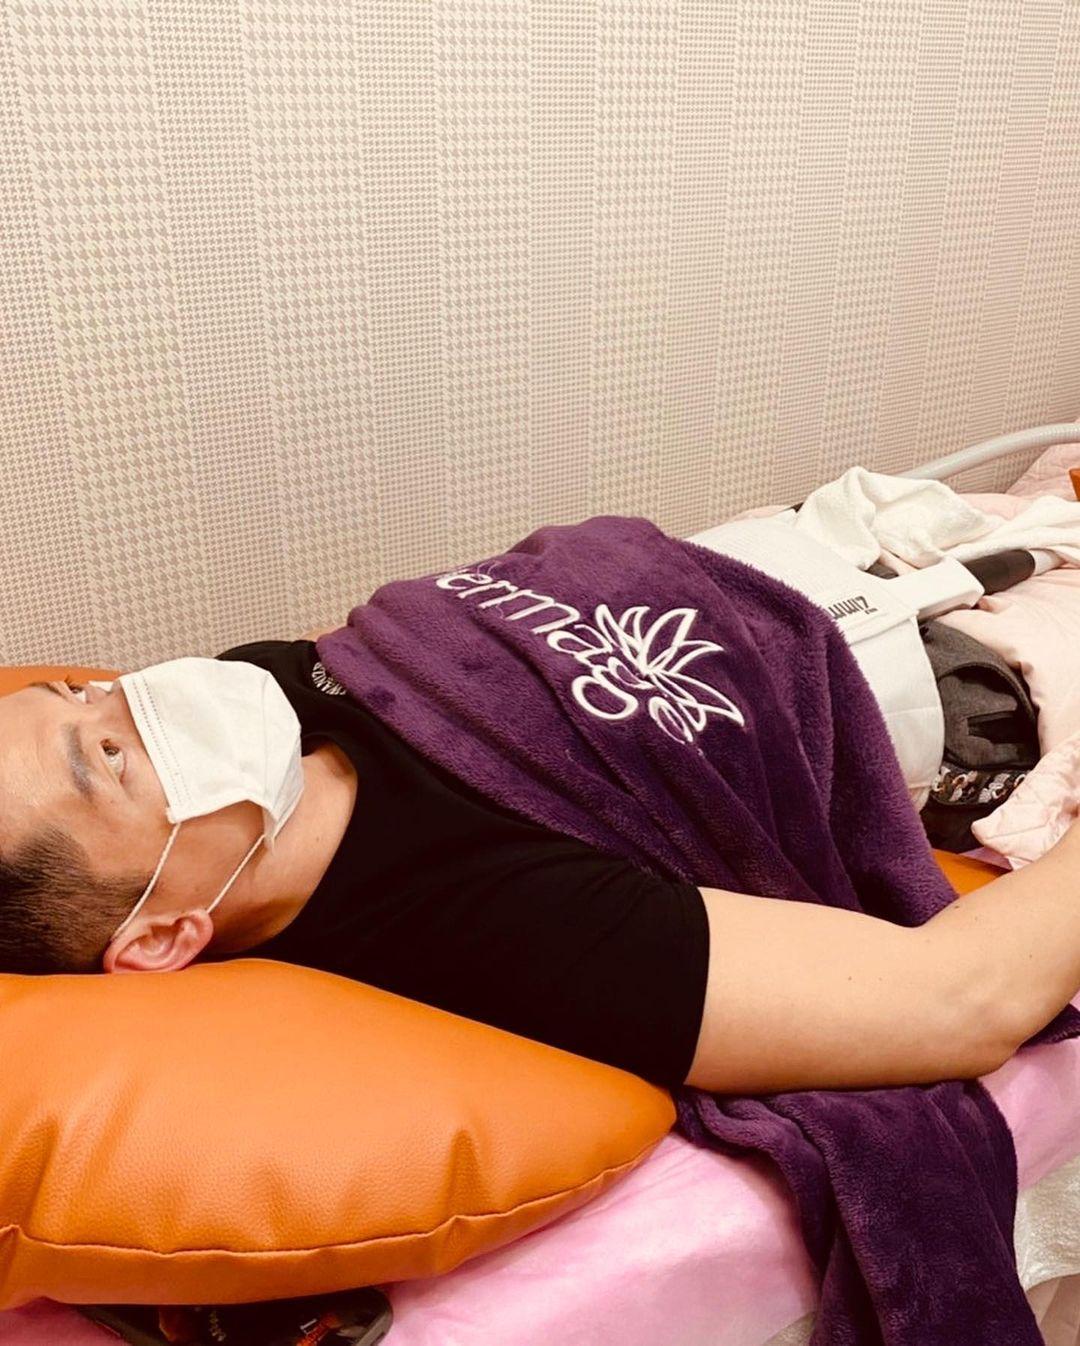 【肌力塑】星和診所/北車醫美 -楊志雄醫師-用機器來訓練腹肌及減少脂肪-Mark Lin